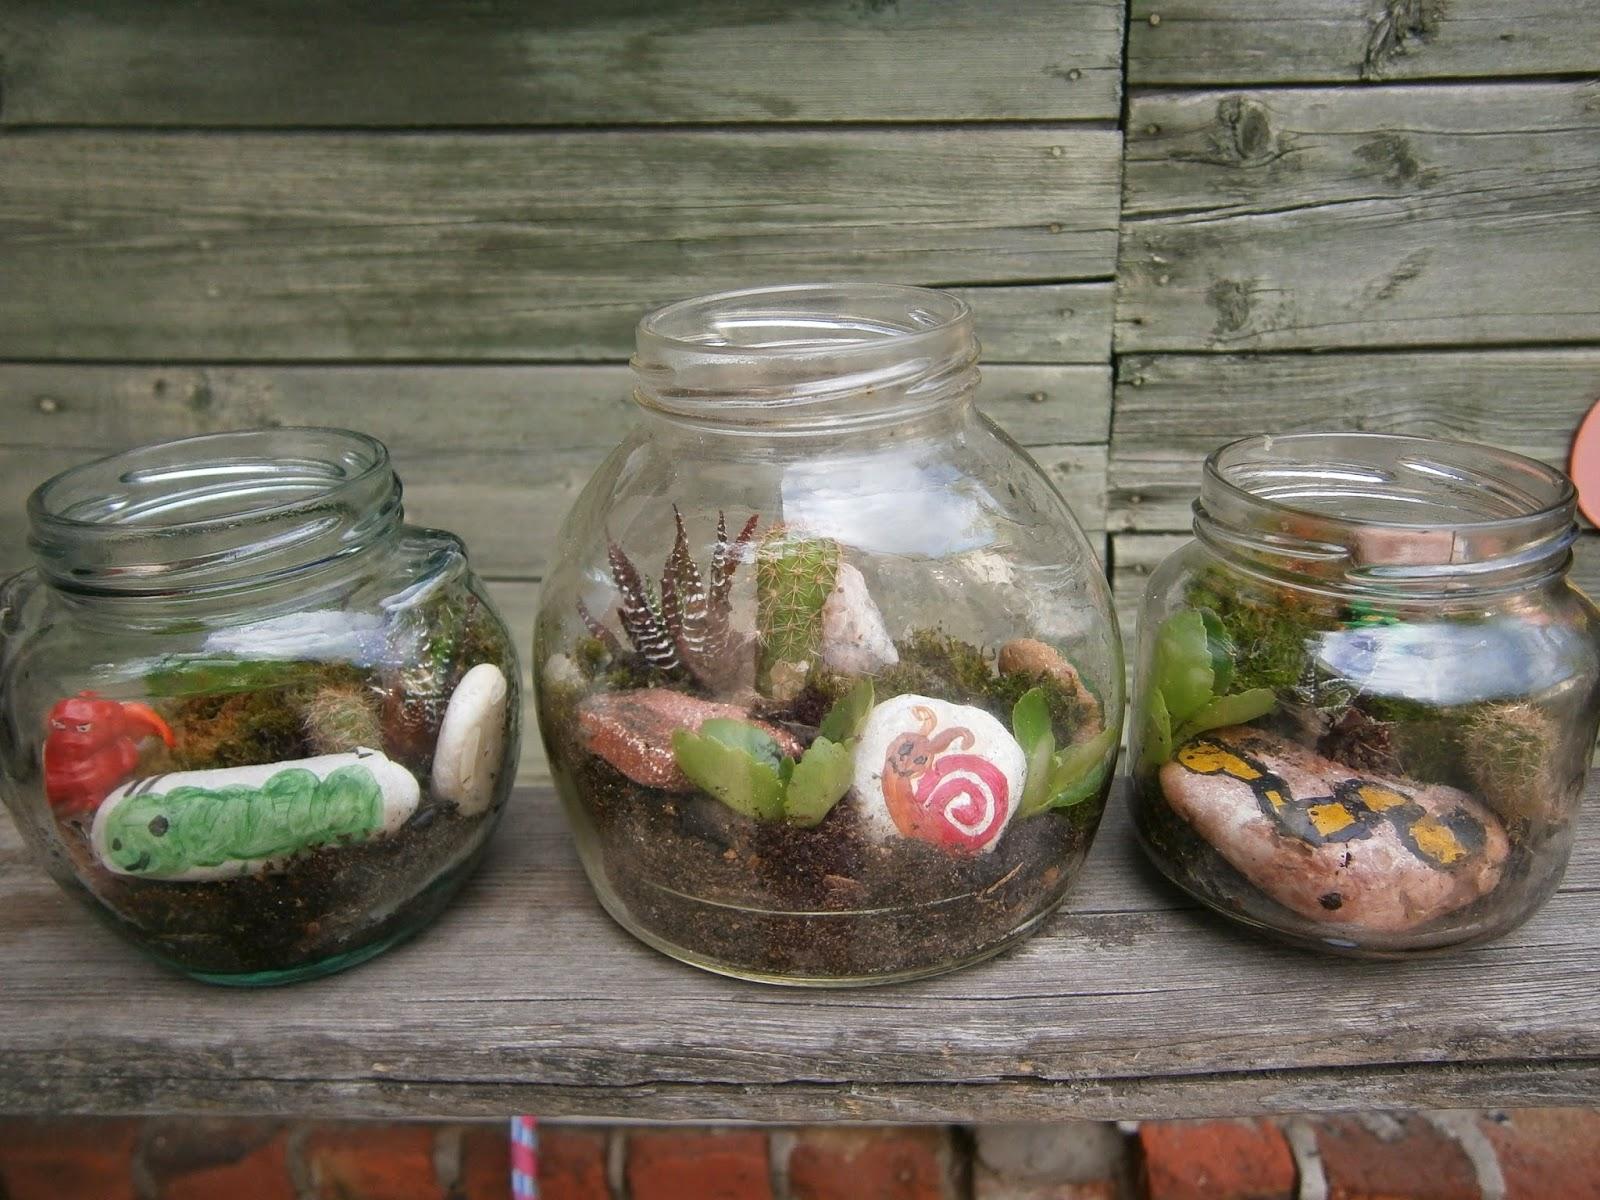 растения в бутылках.